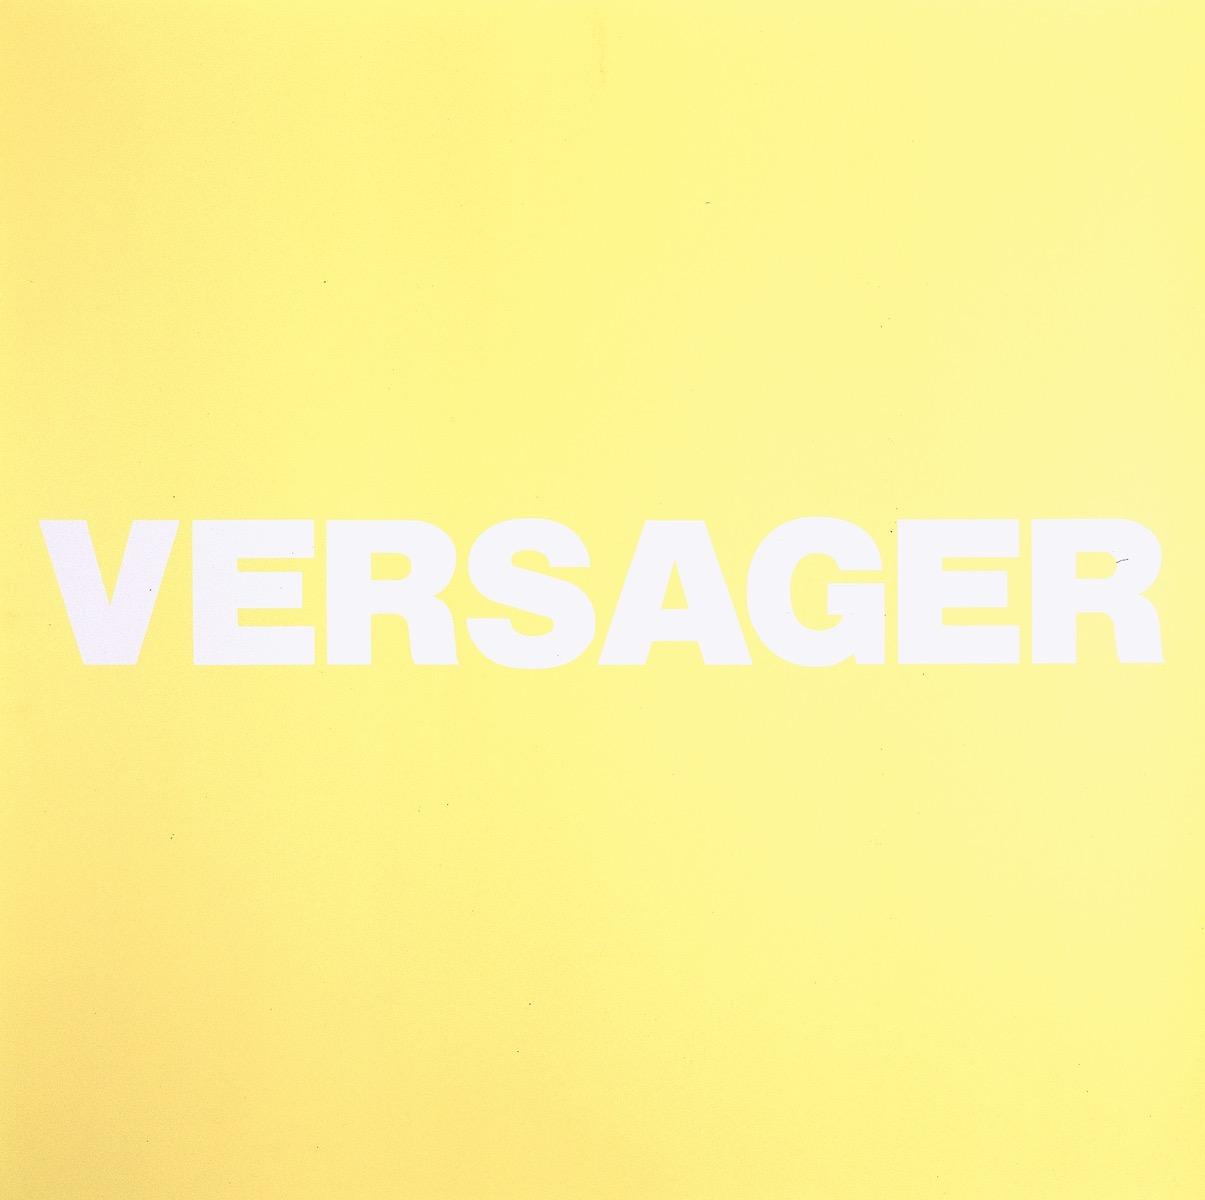 VERSAGER, GELB | Affirmation tut gut | Angelika Beuler | 1992